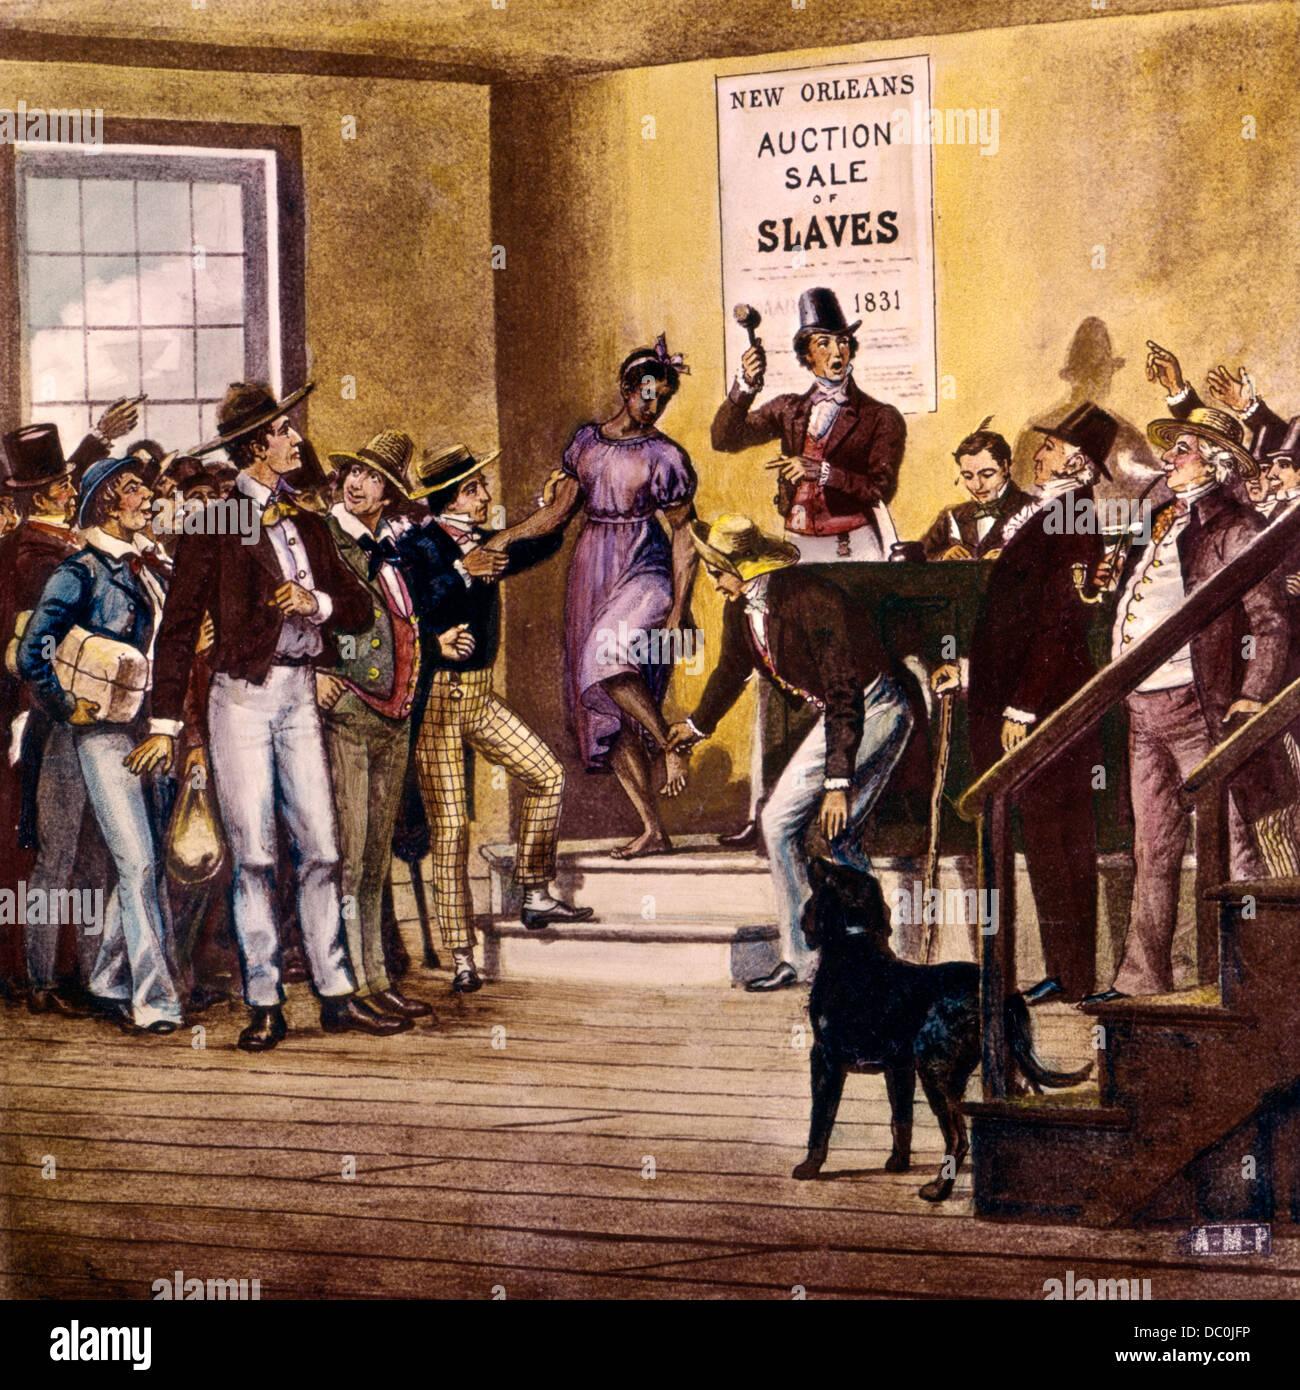 1830s 1831 ABRAHAM LINCOLN OSSERVANDO NEW ORLEANS mercato di schiavi VENDITA ALL'ASTA da colorate a mano vetro Immagini Stock